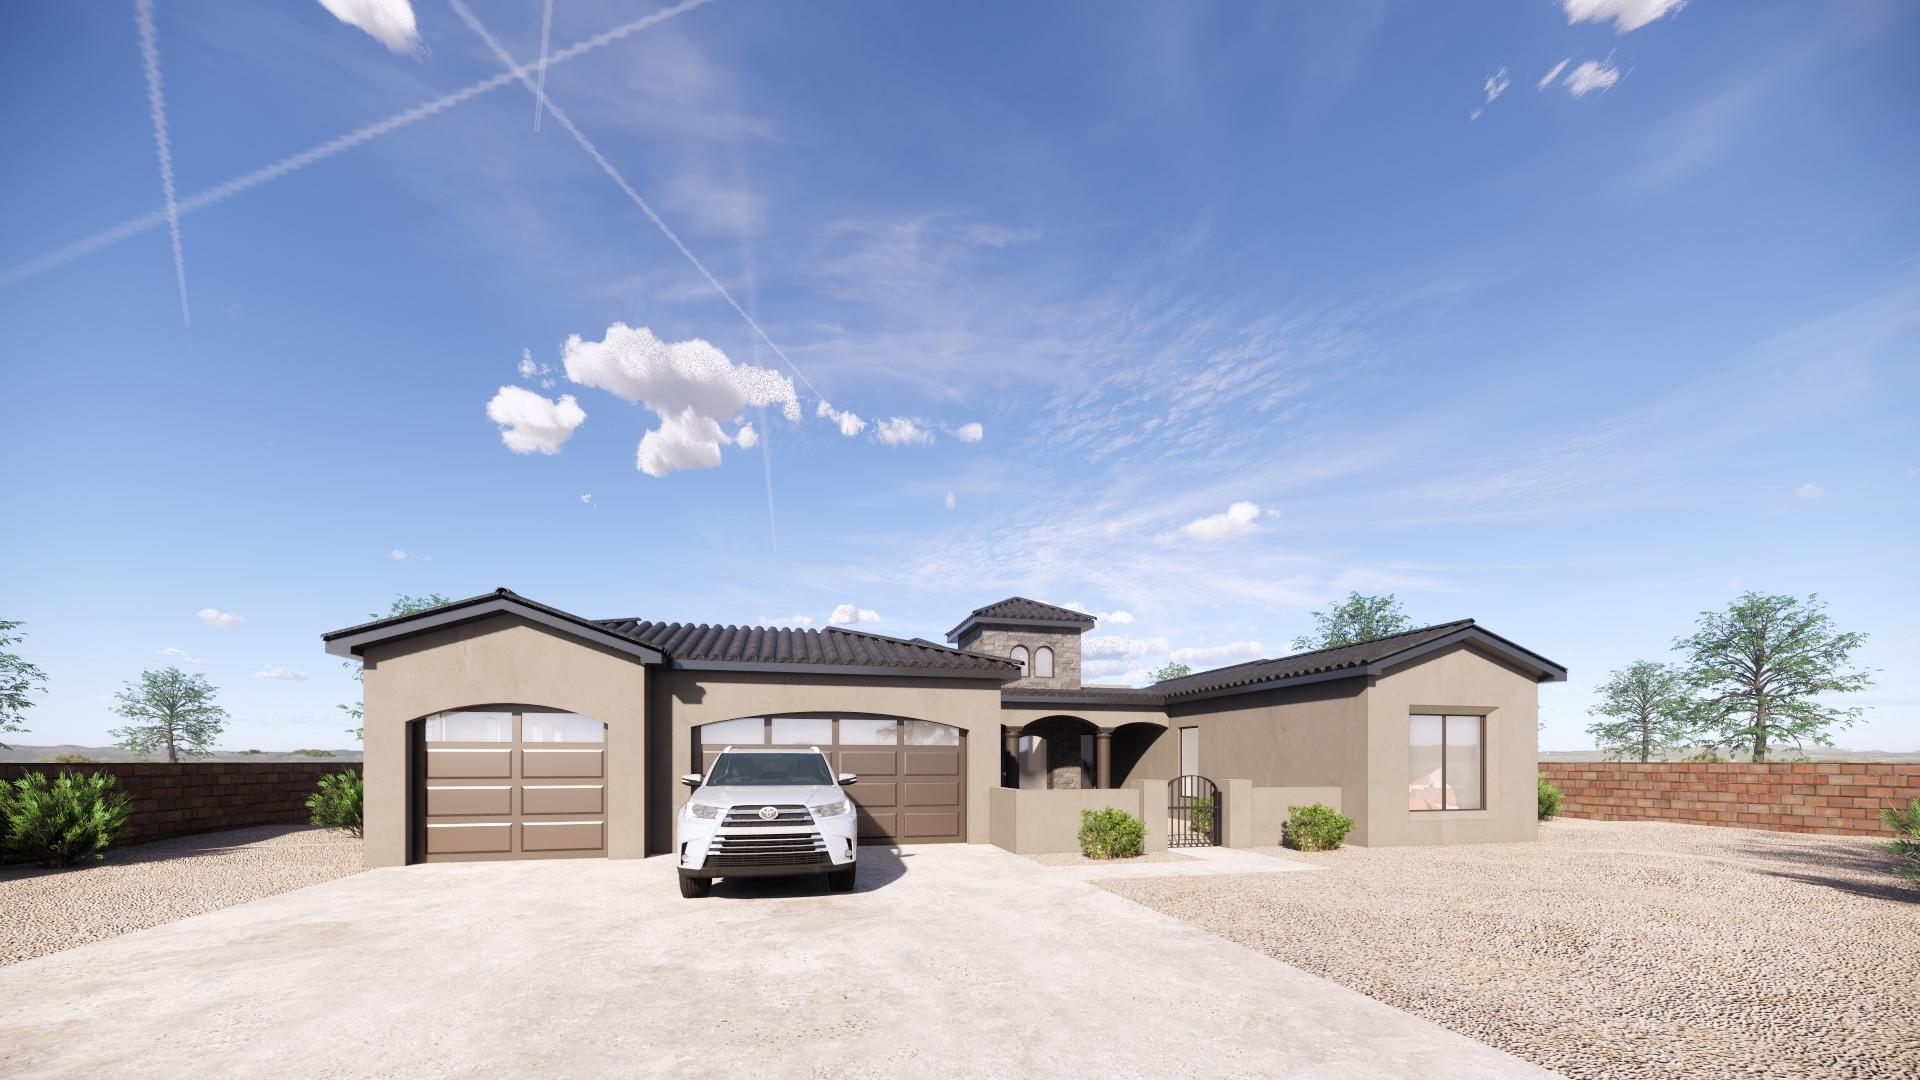 6527 PATO Road, Albuquerque NM 87120